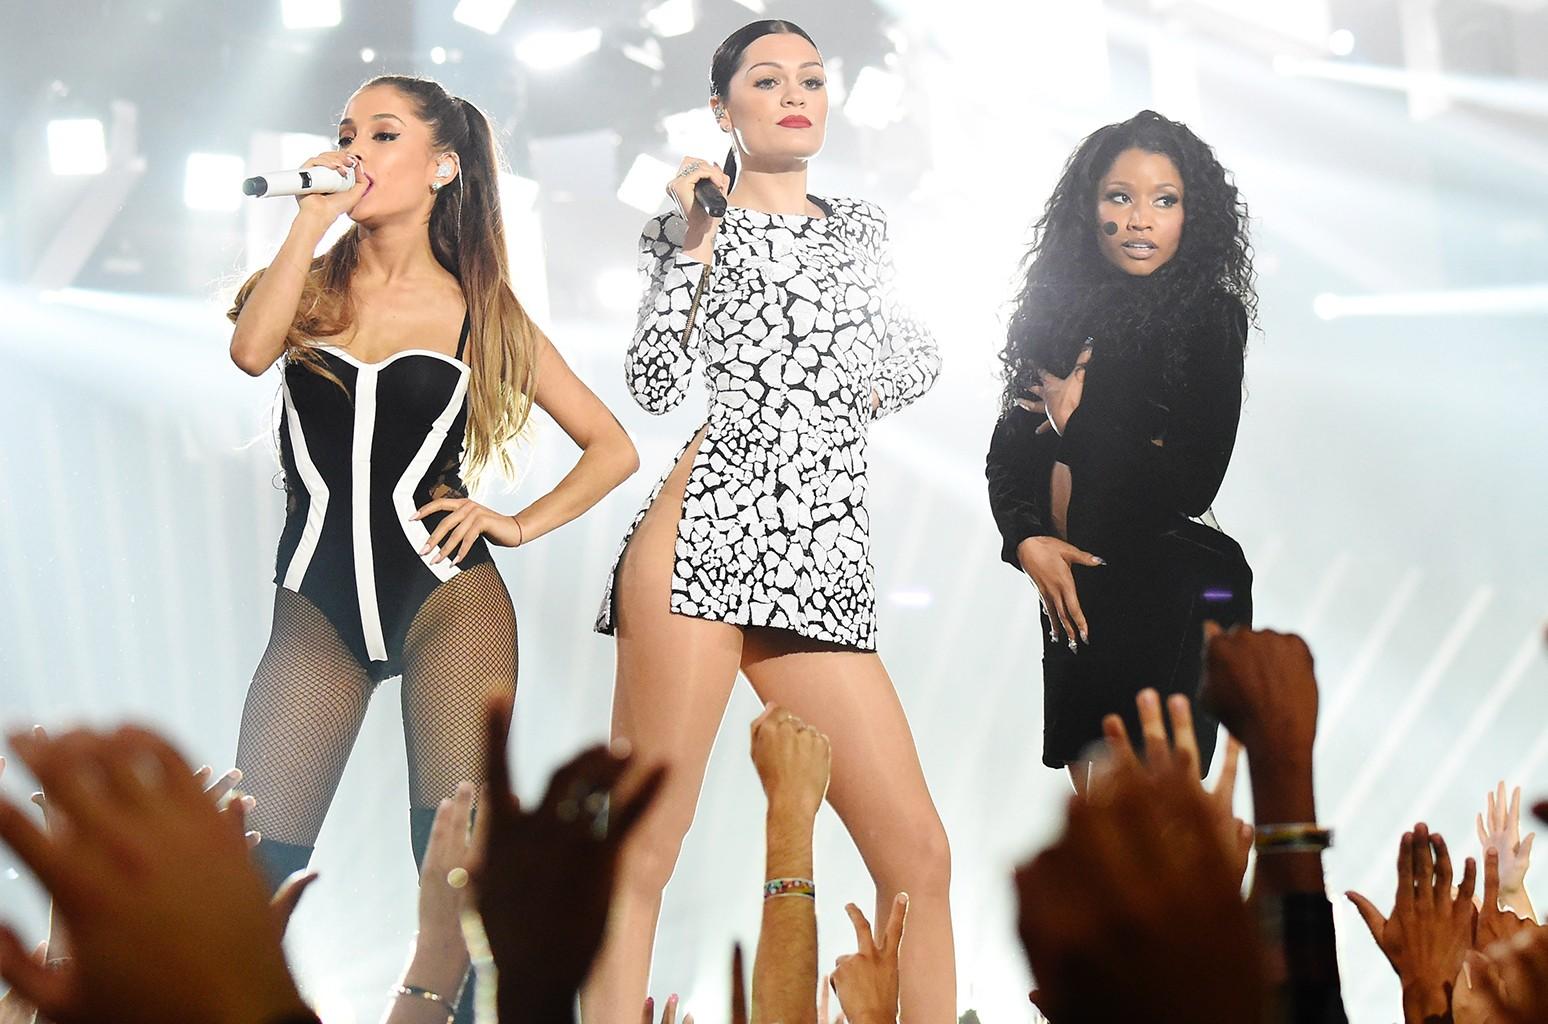 Jessie J, Ariana Grande and Nicki Minaj